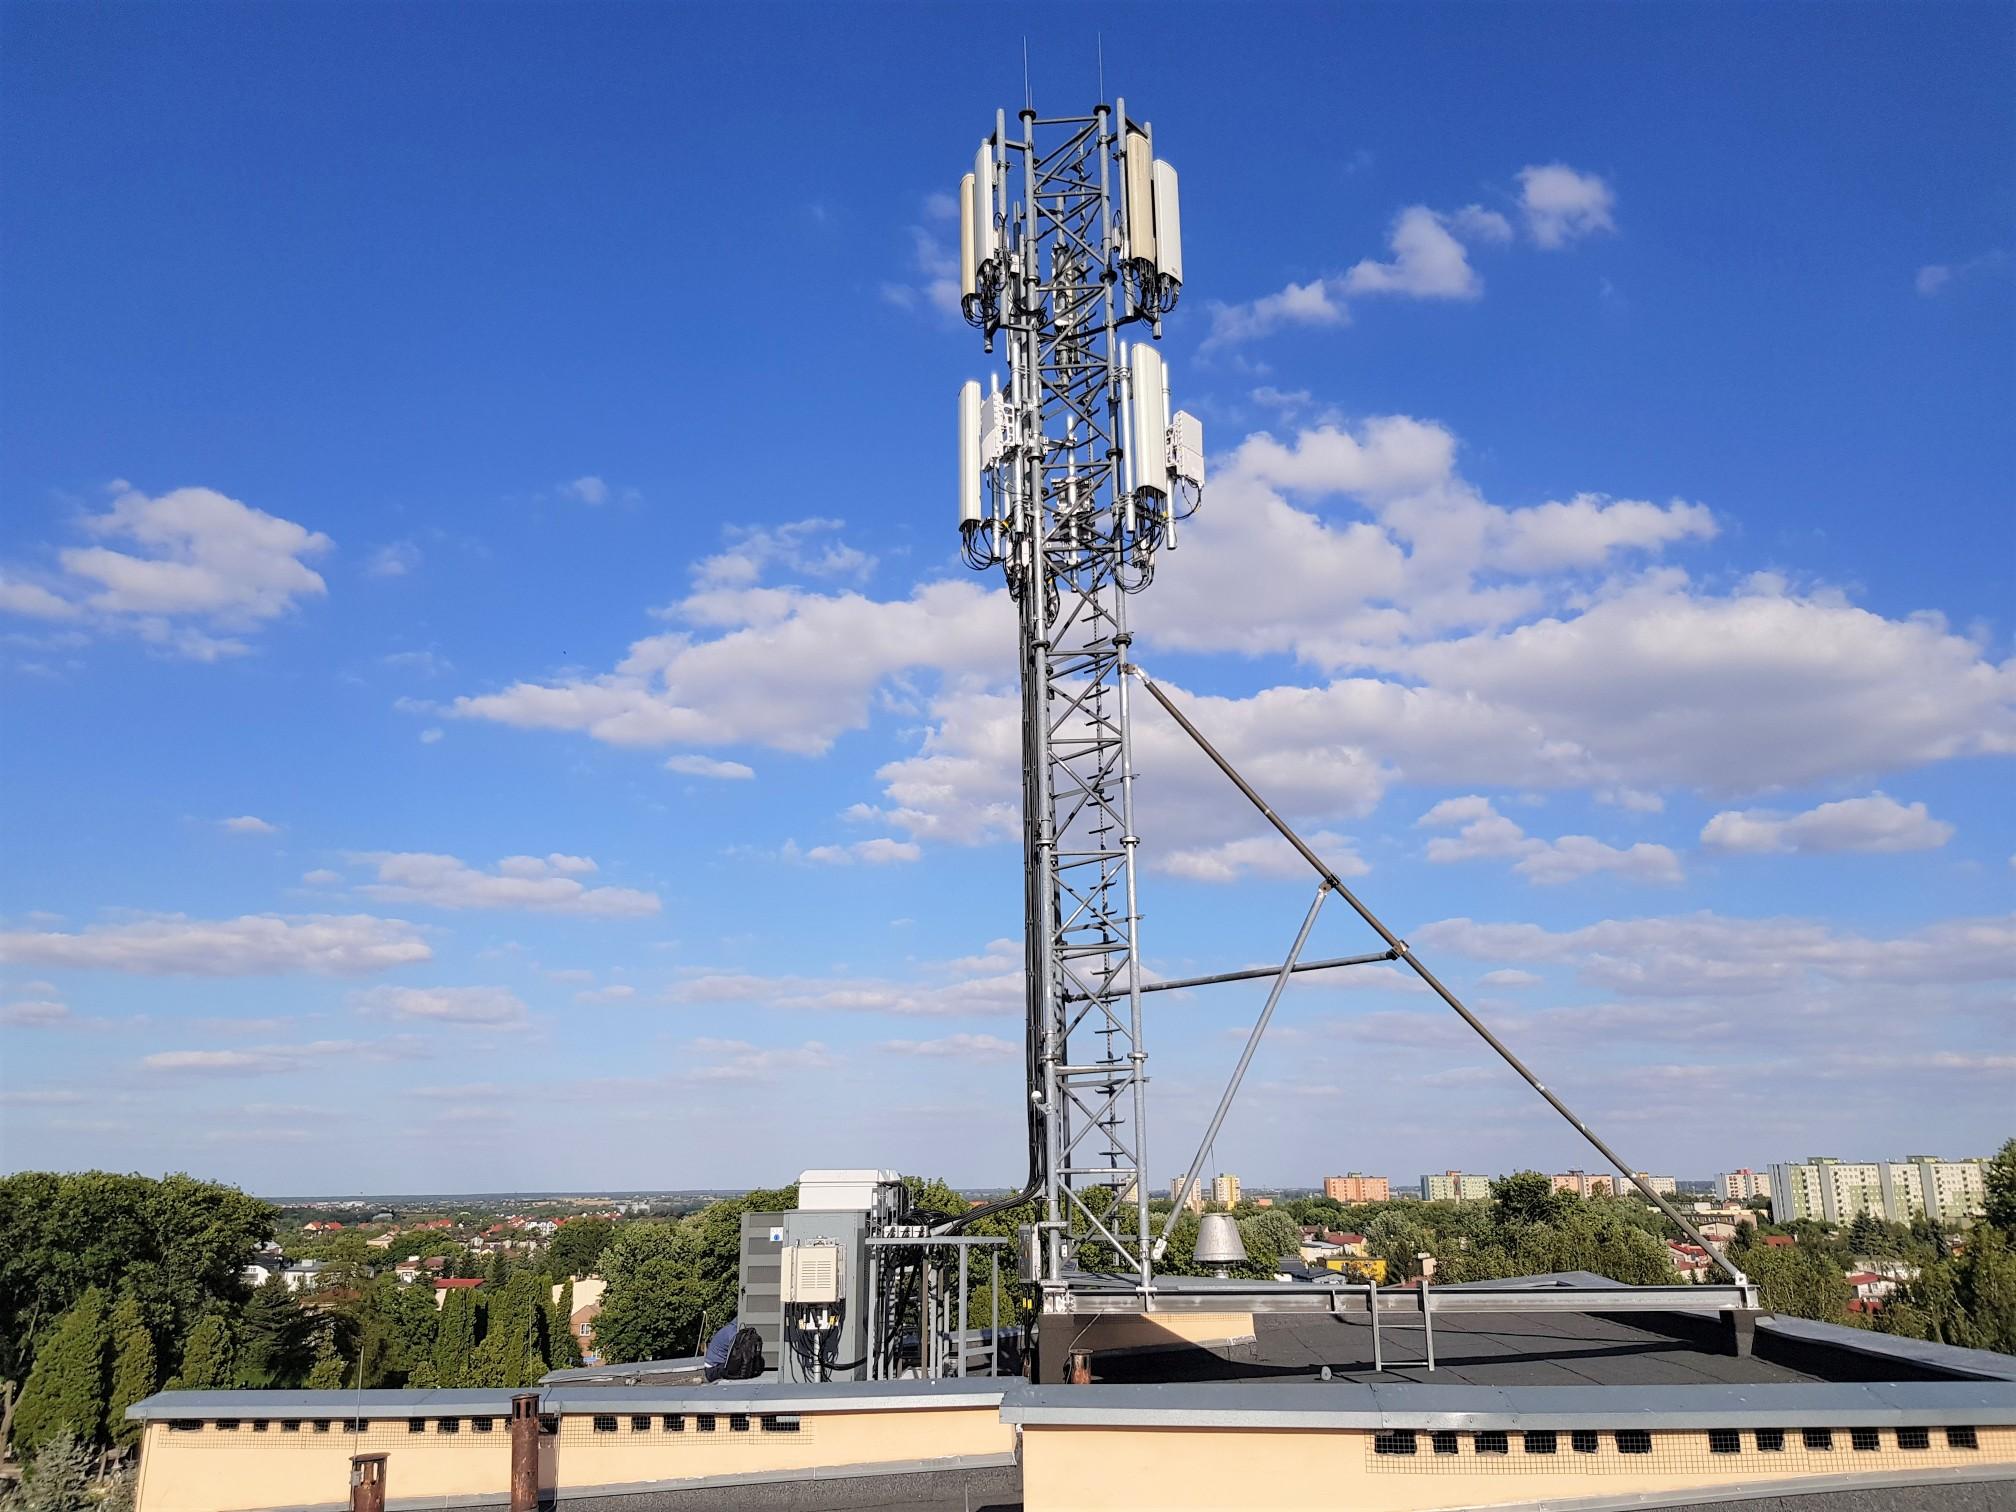 5G testowane w Lublinie. Orange pokazuje możliwości technologii ...